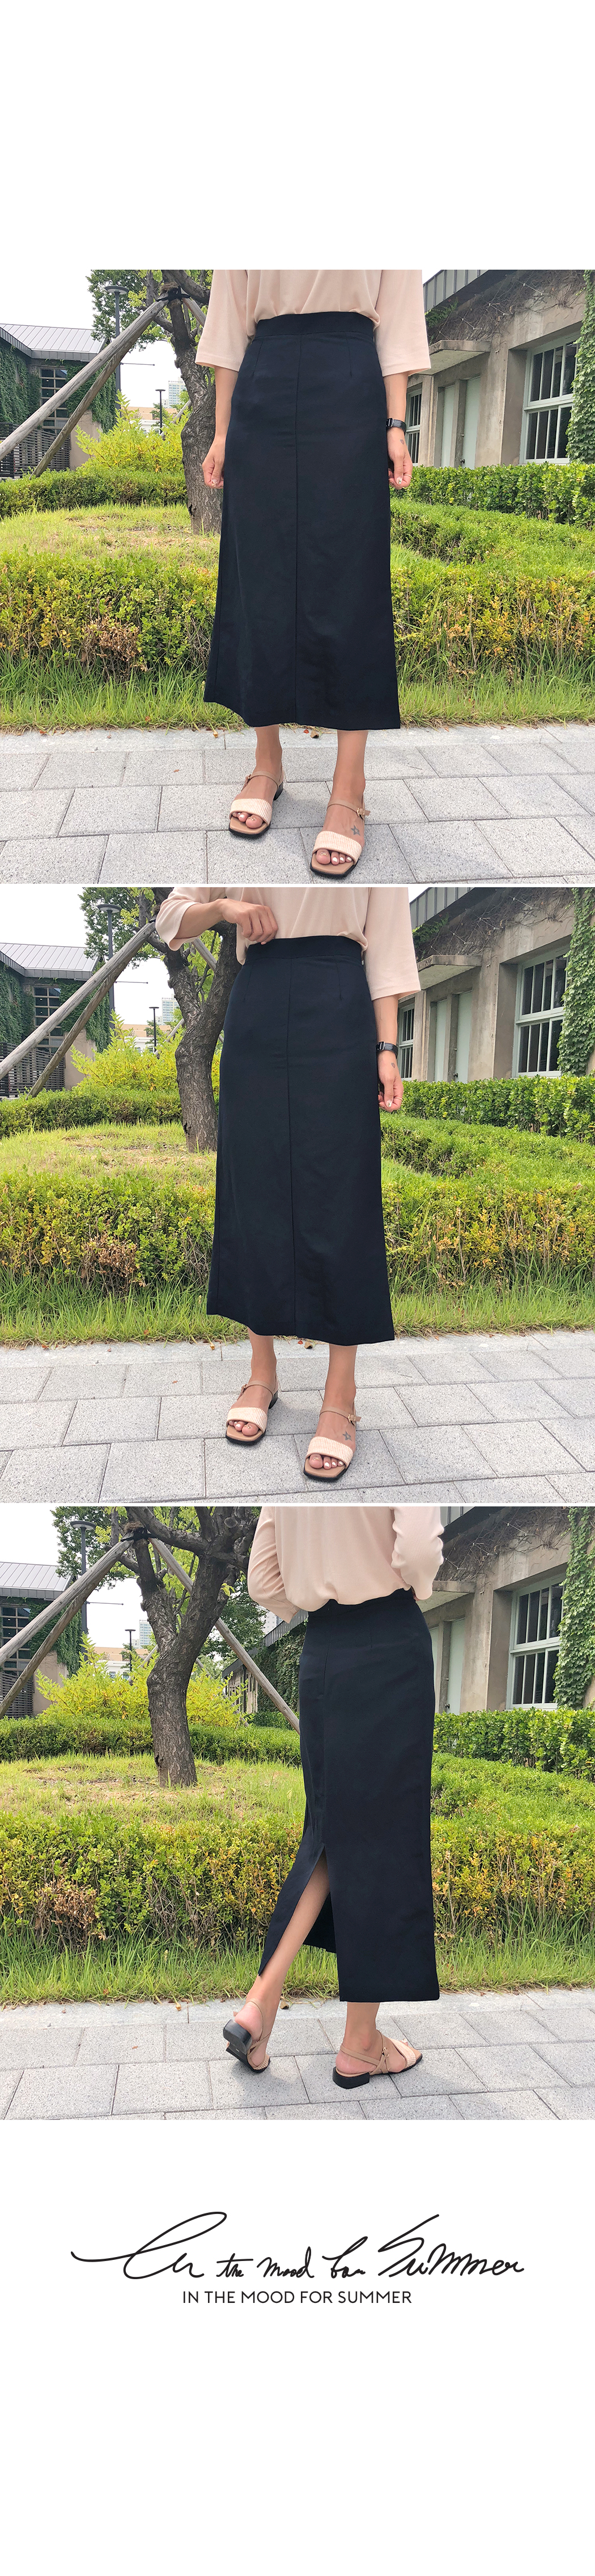 Sleek-linen long skirt